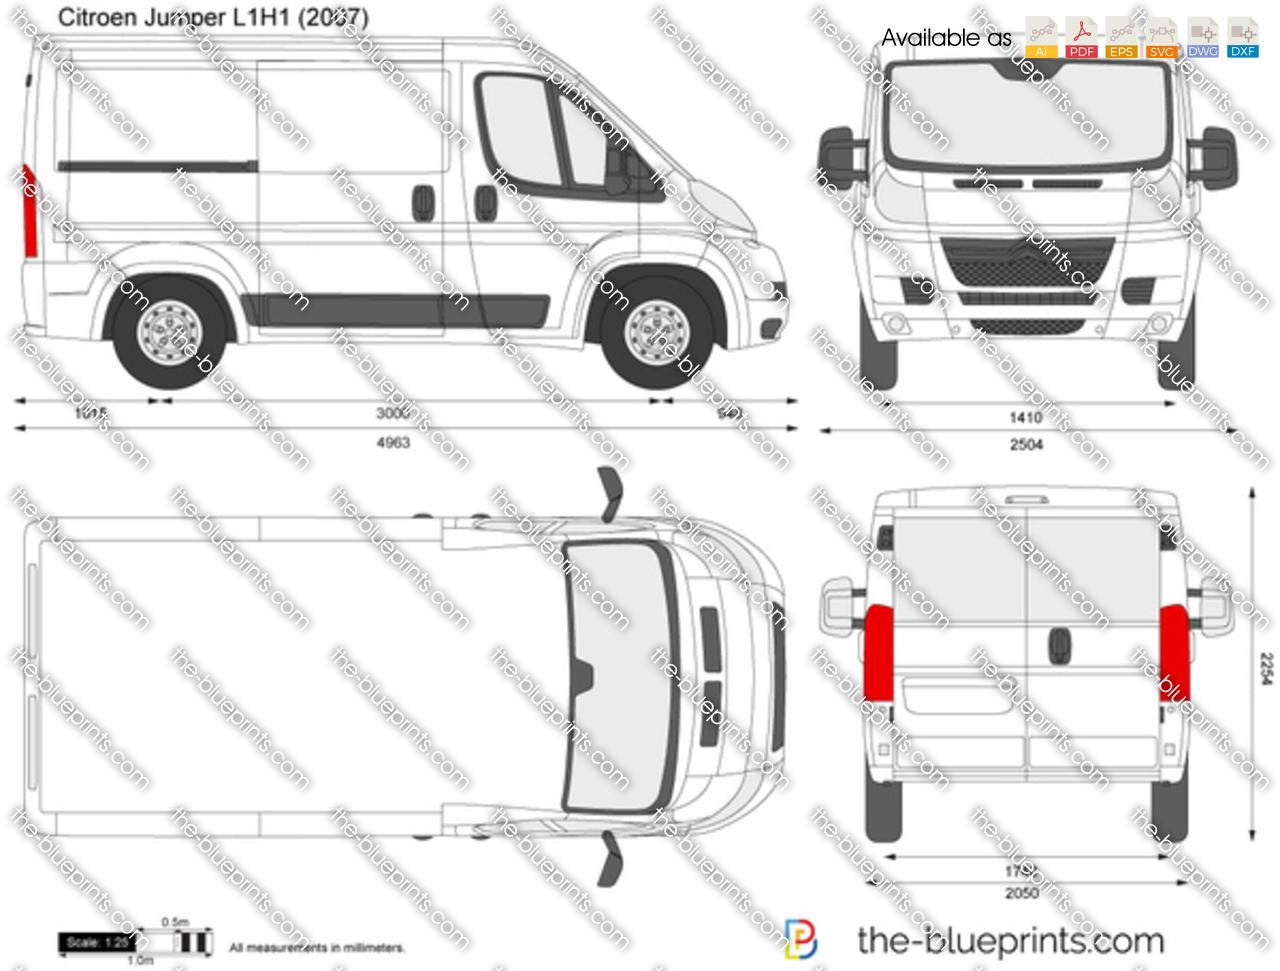 Citroen Jumper L1H1 vector drawing